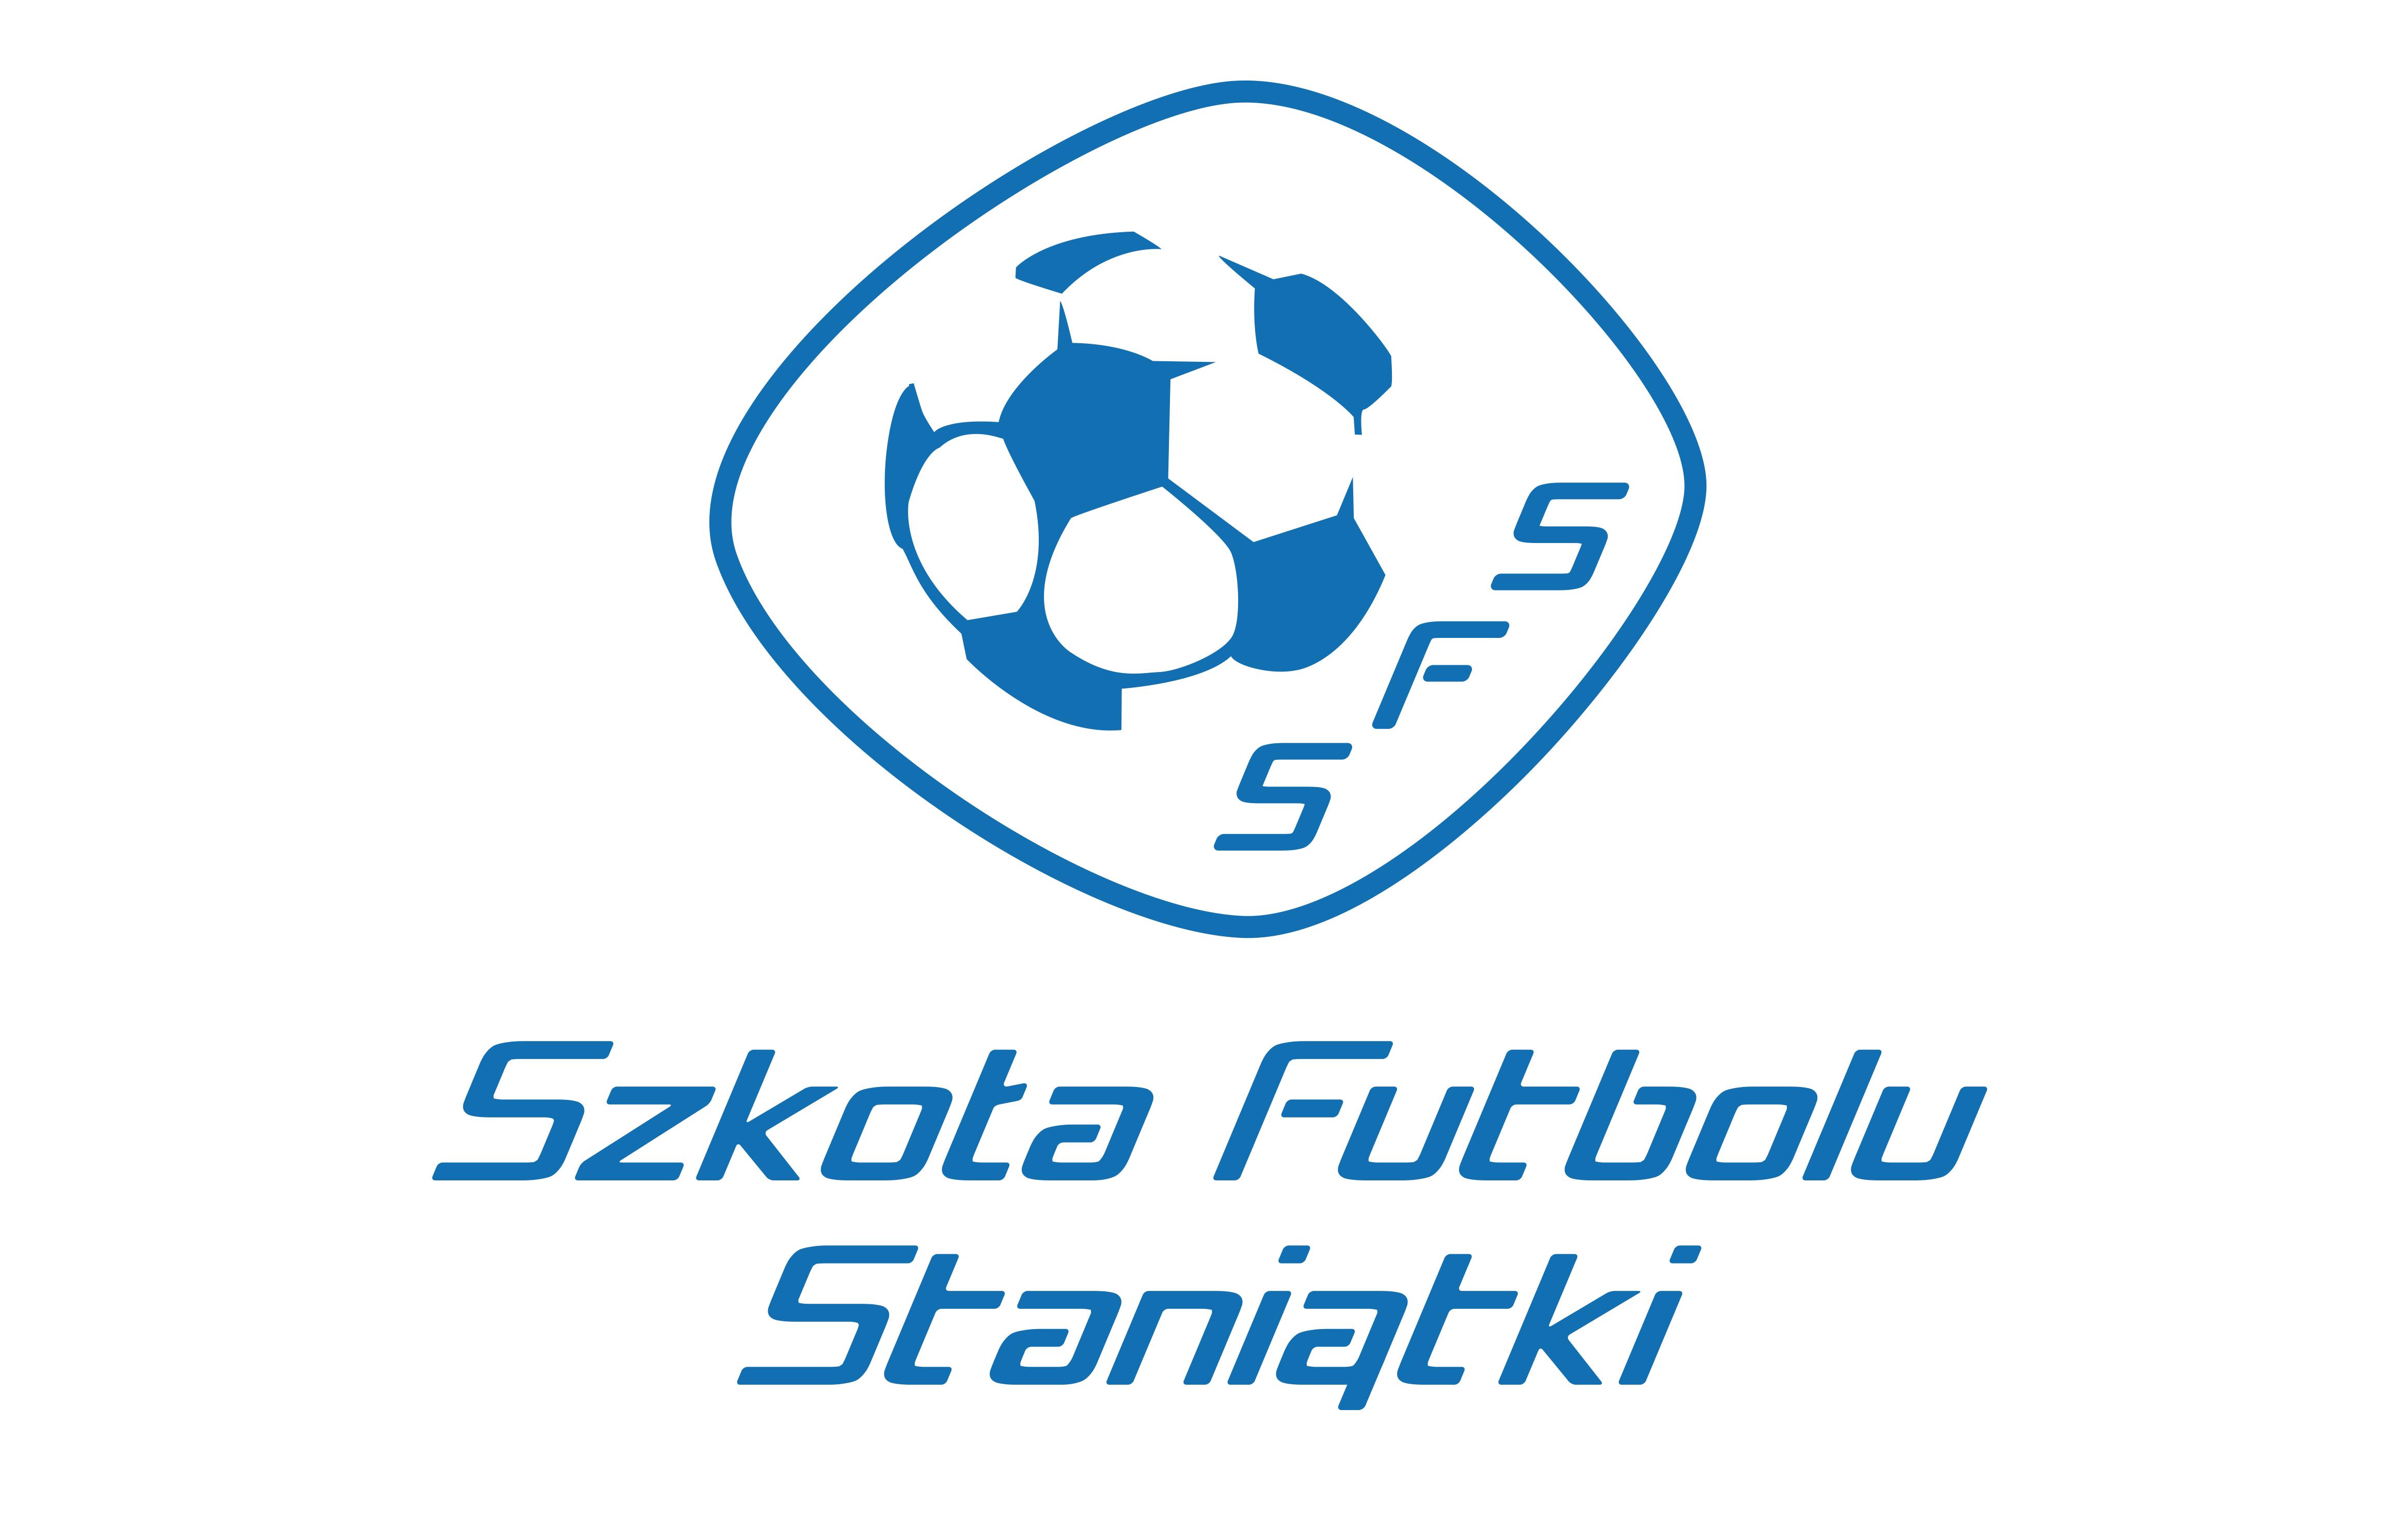 logo szkoła futbolu staniątki